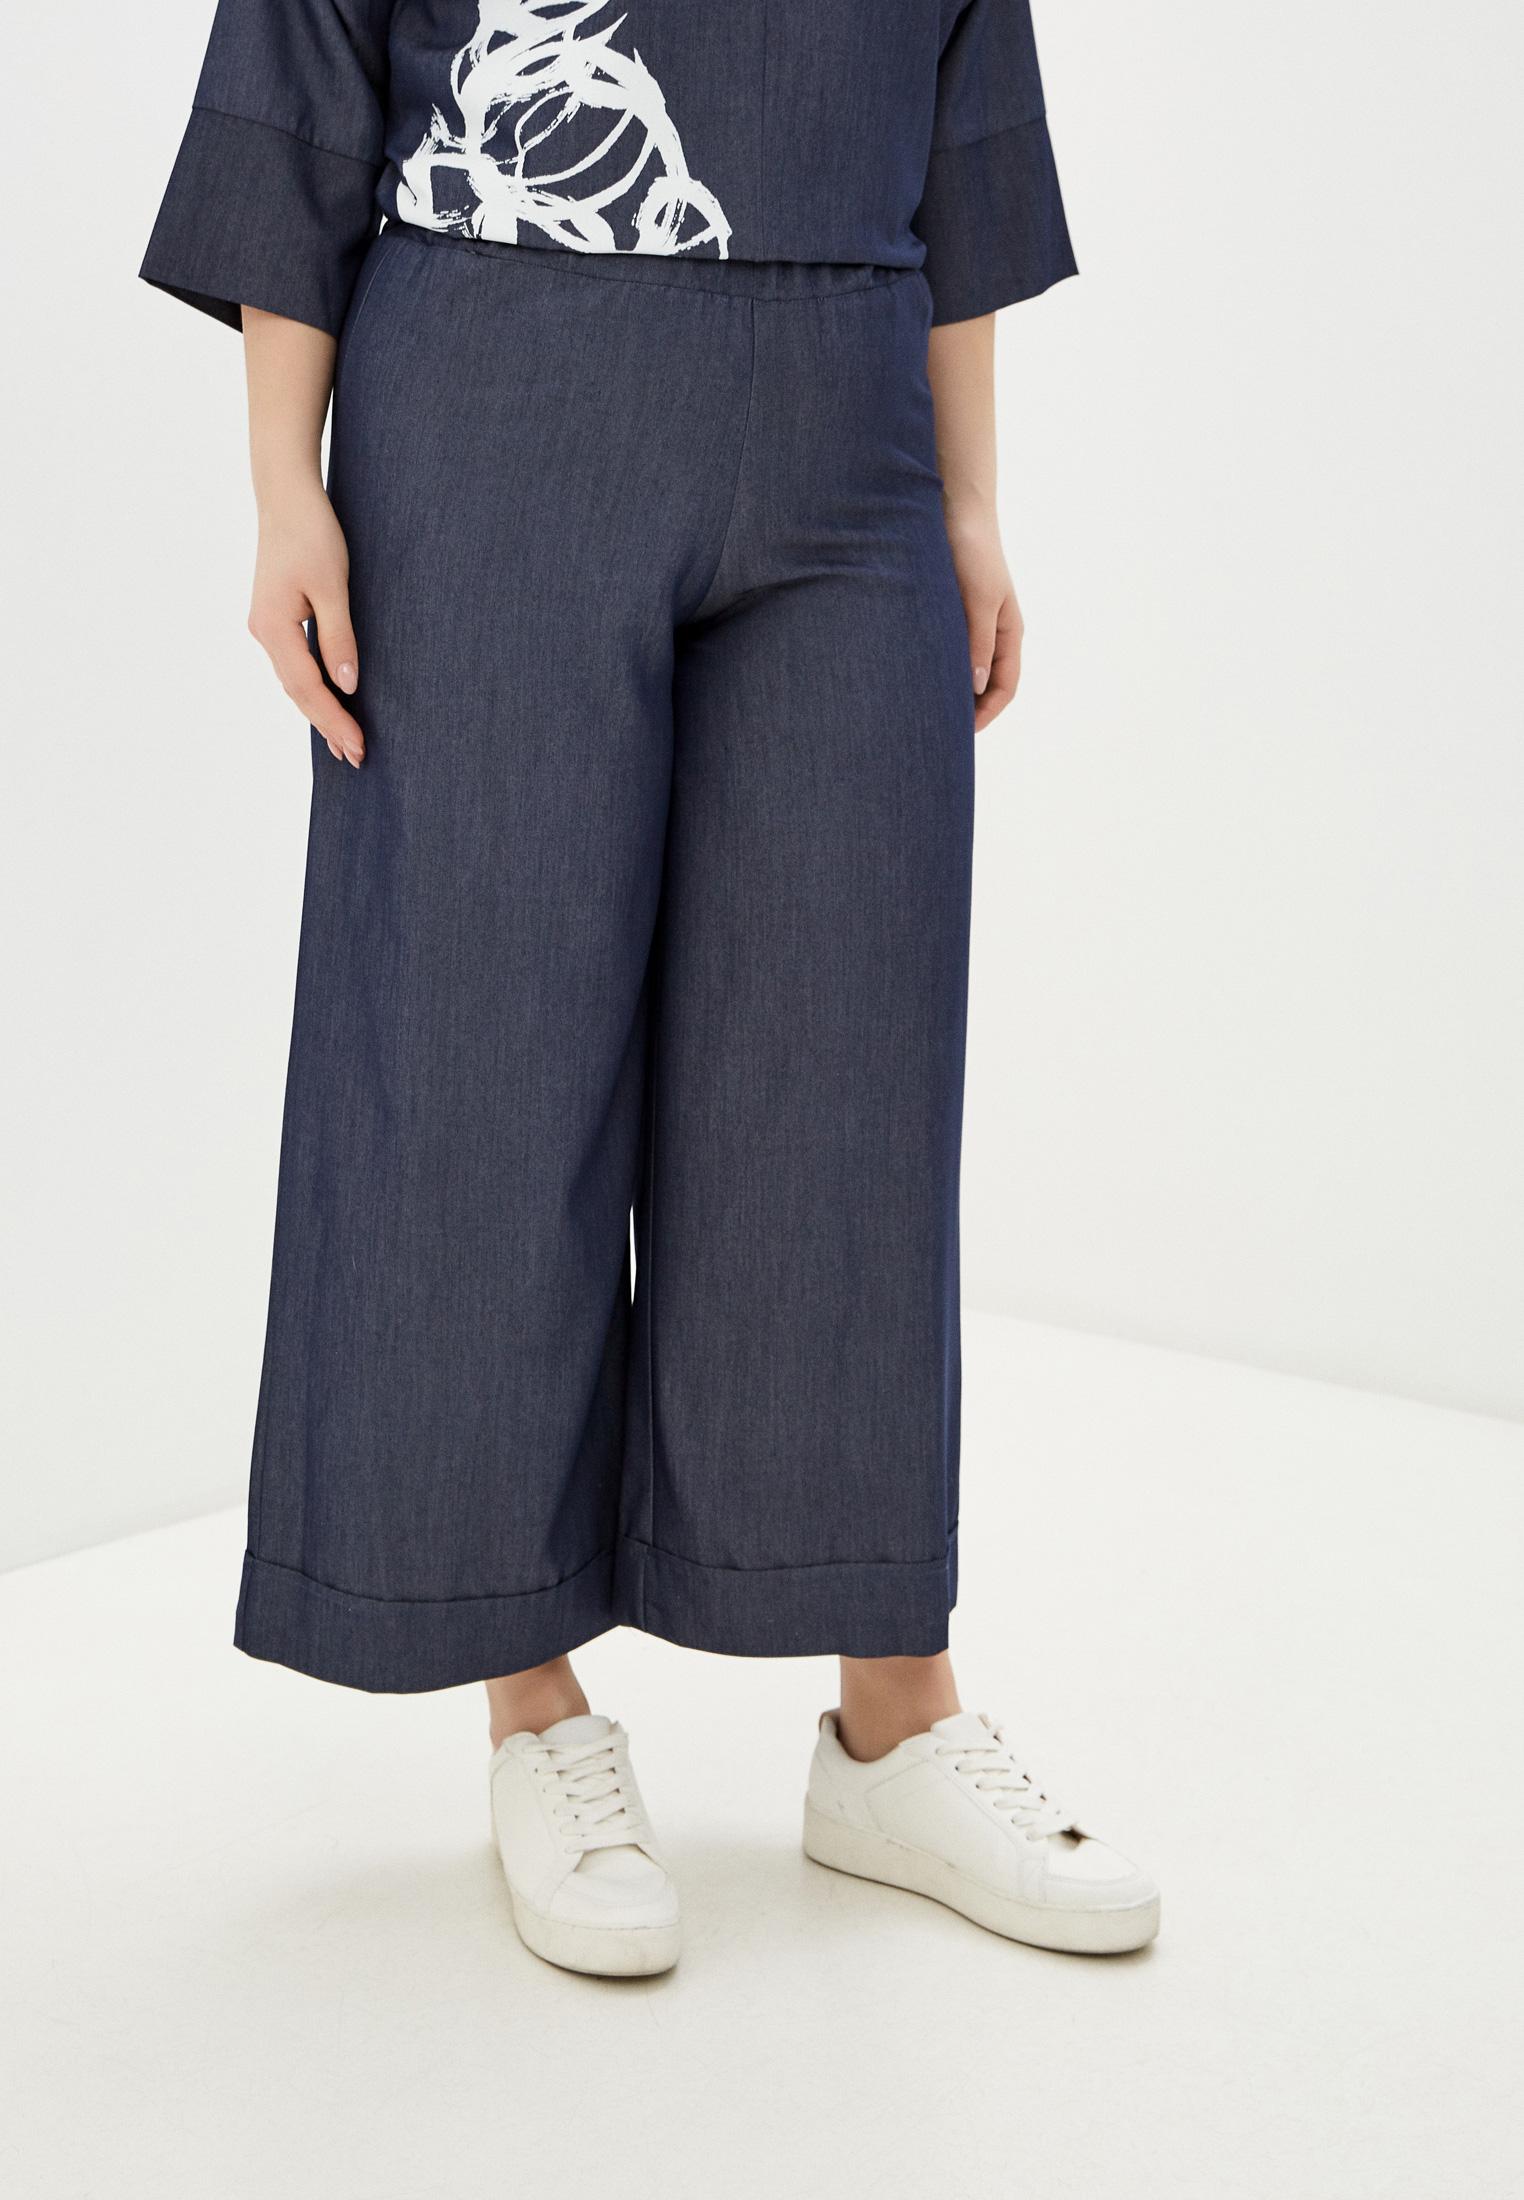 Женские широкие и расклешенные брюки Sophia MG180774420